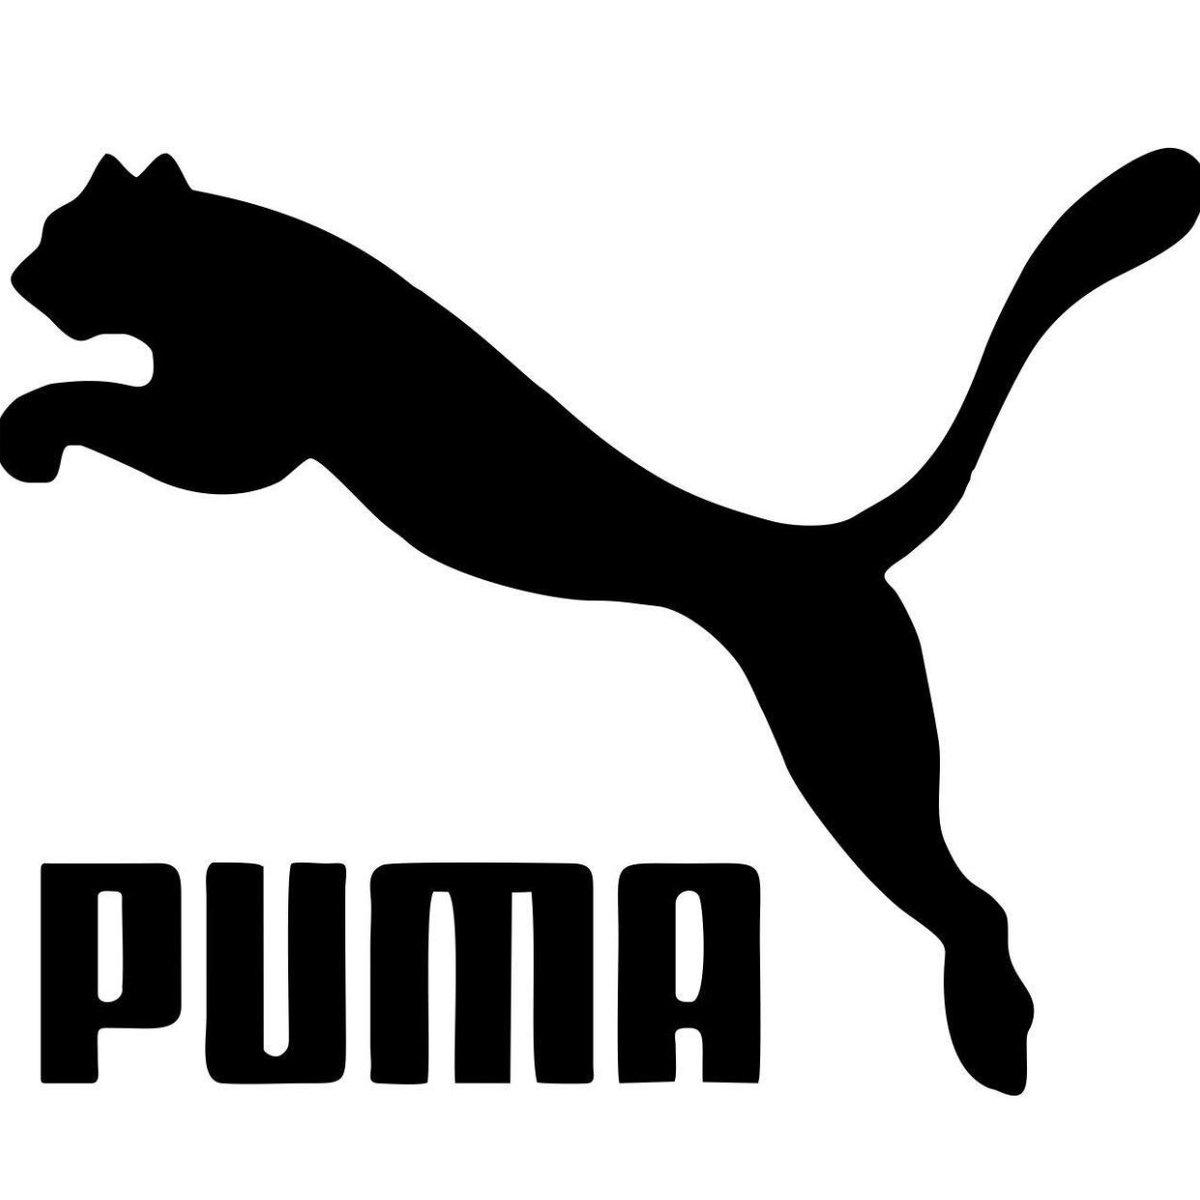 よく黒猫が横たわってる姿を「プーマみたい♪」って言ってる方見るけど、どうしてうちのはこうも違うのか。